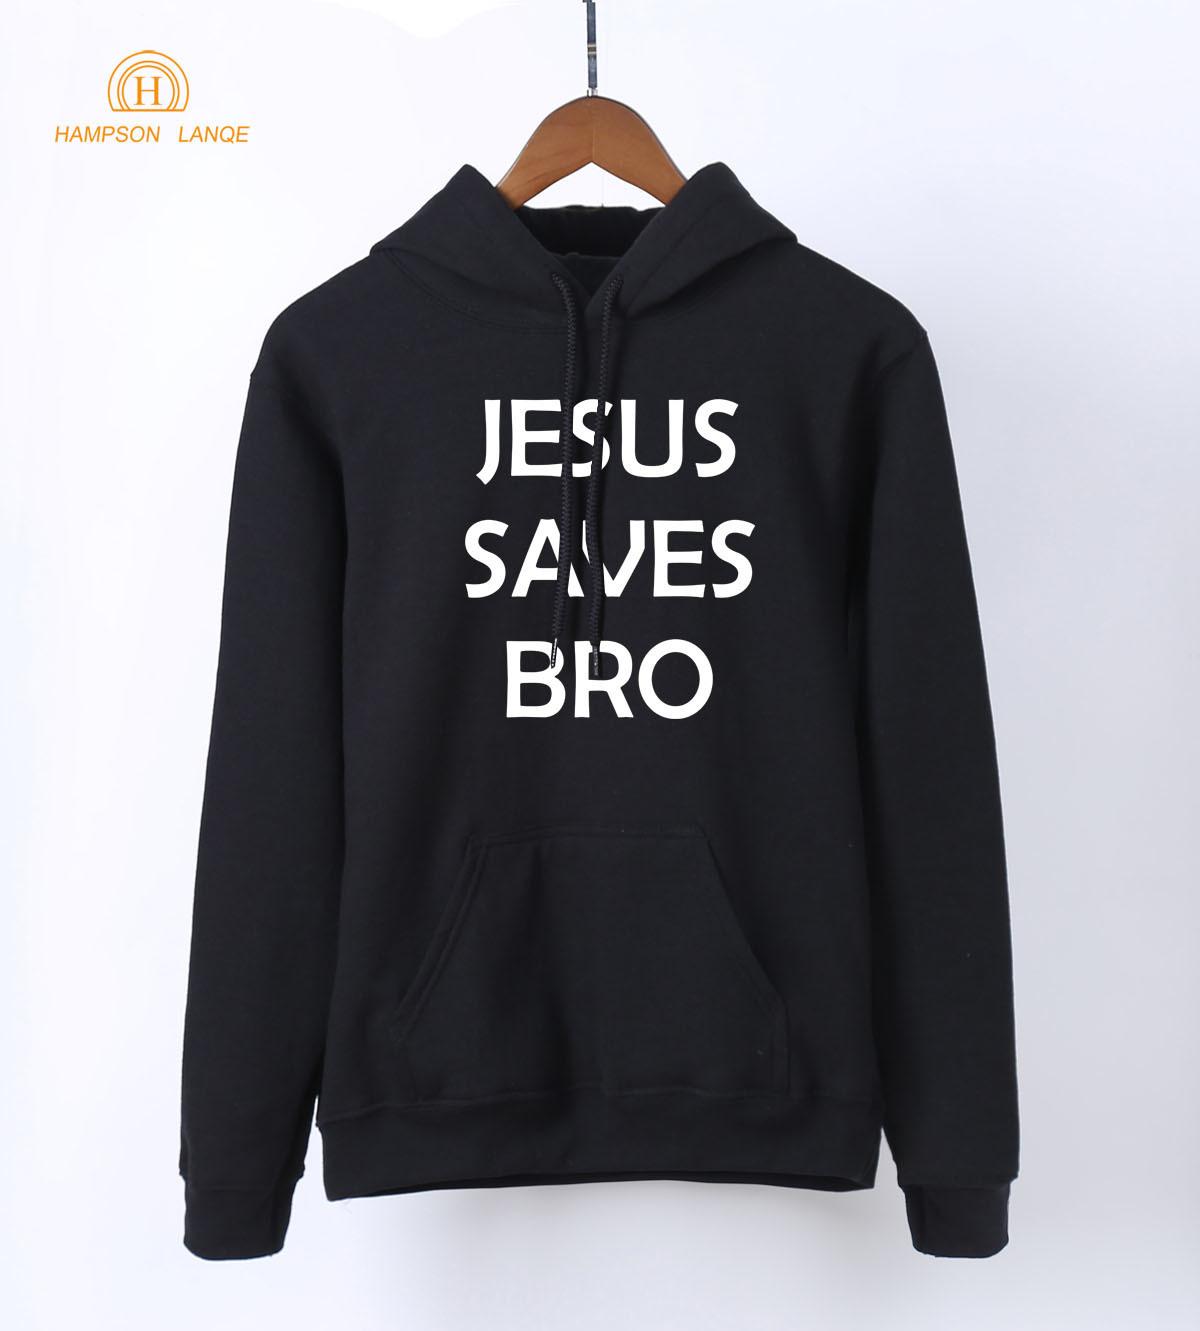 Jesus Saves Bro Super Jesus Christ Sweatshirts Hoodies Women 2019 New Style Spring Autumn Women Hoodie Long Sleeve Pullovers